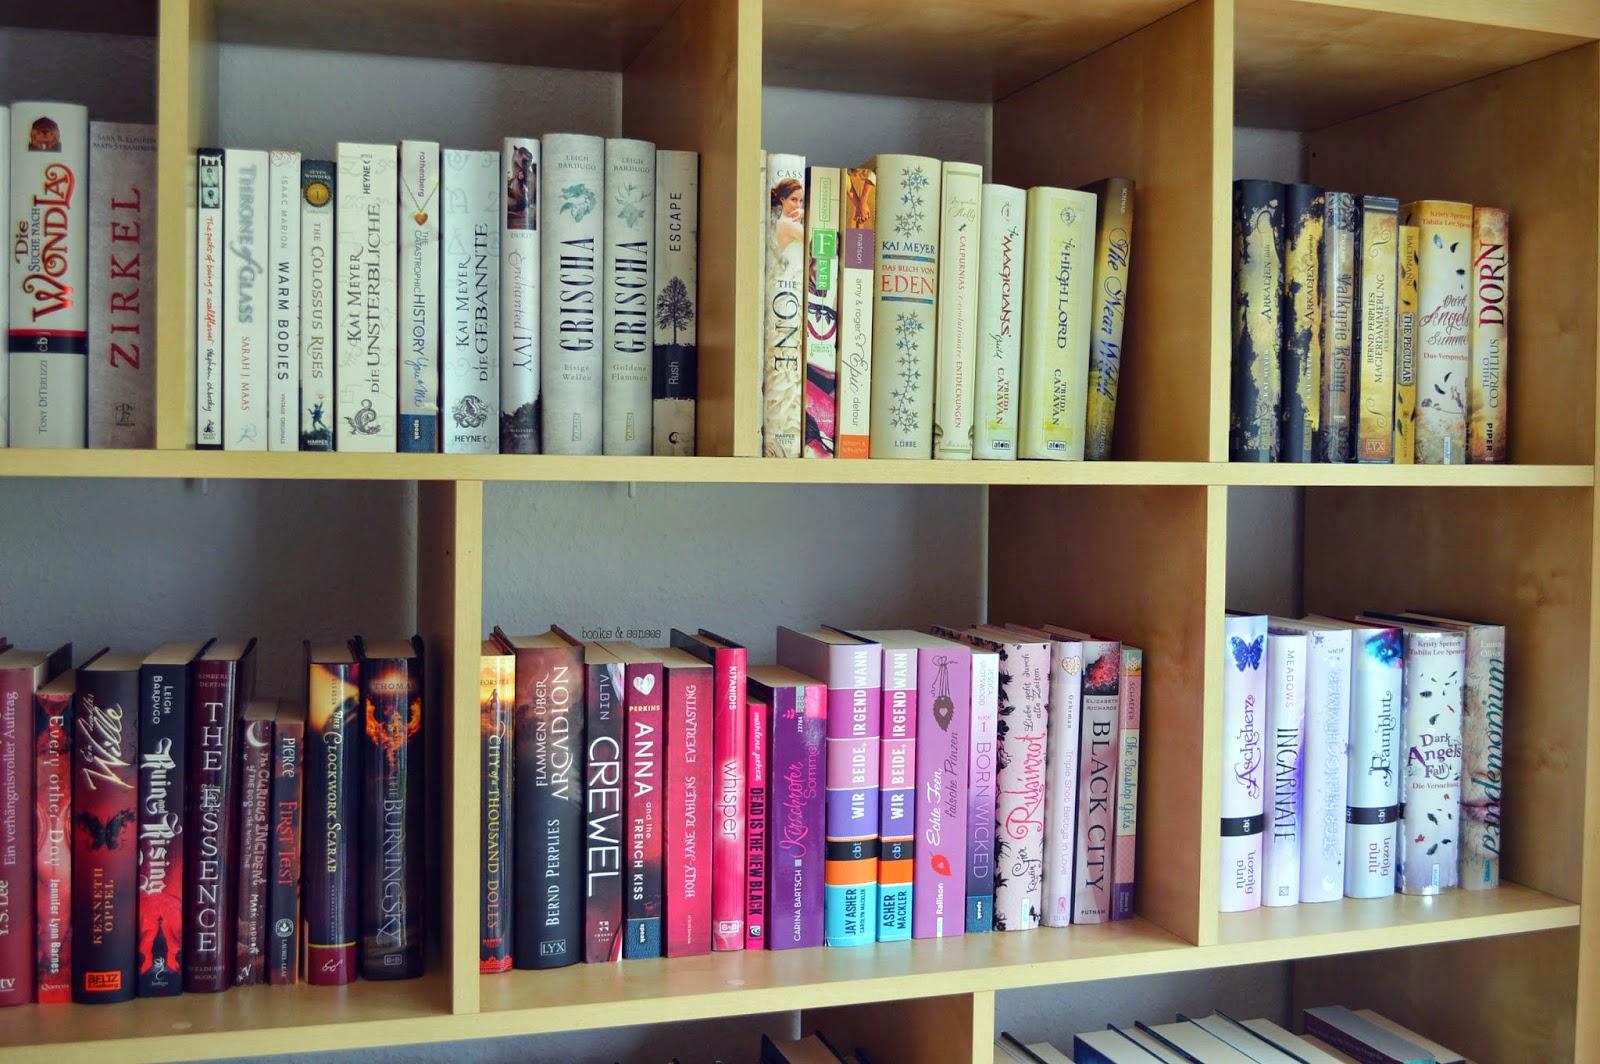 Bücherreihe regal  Miss Watson - liest Bücher, trinkt Tee & schreibt darüber.: Mein ...